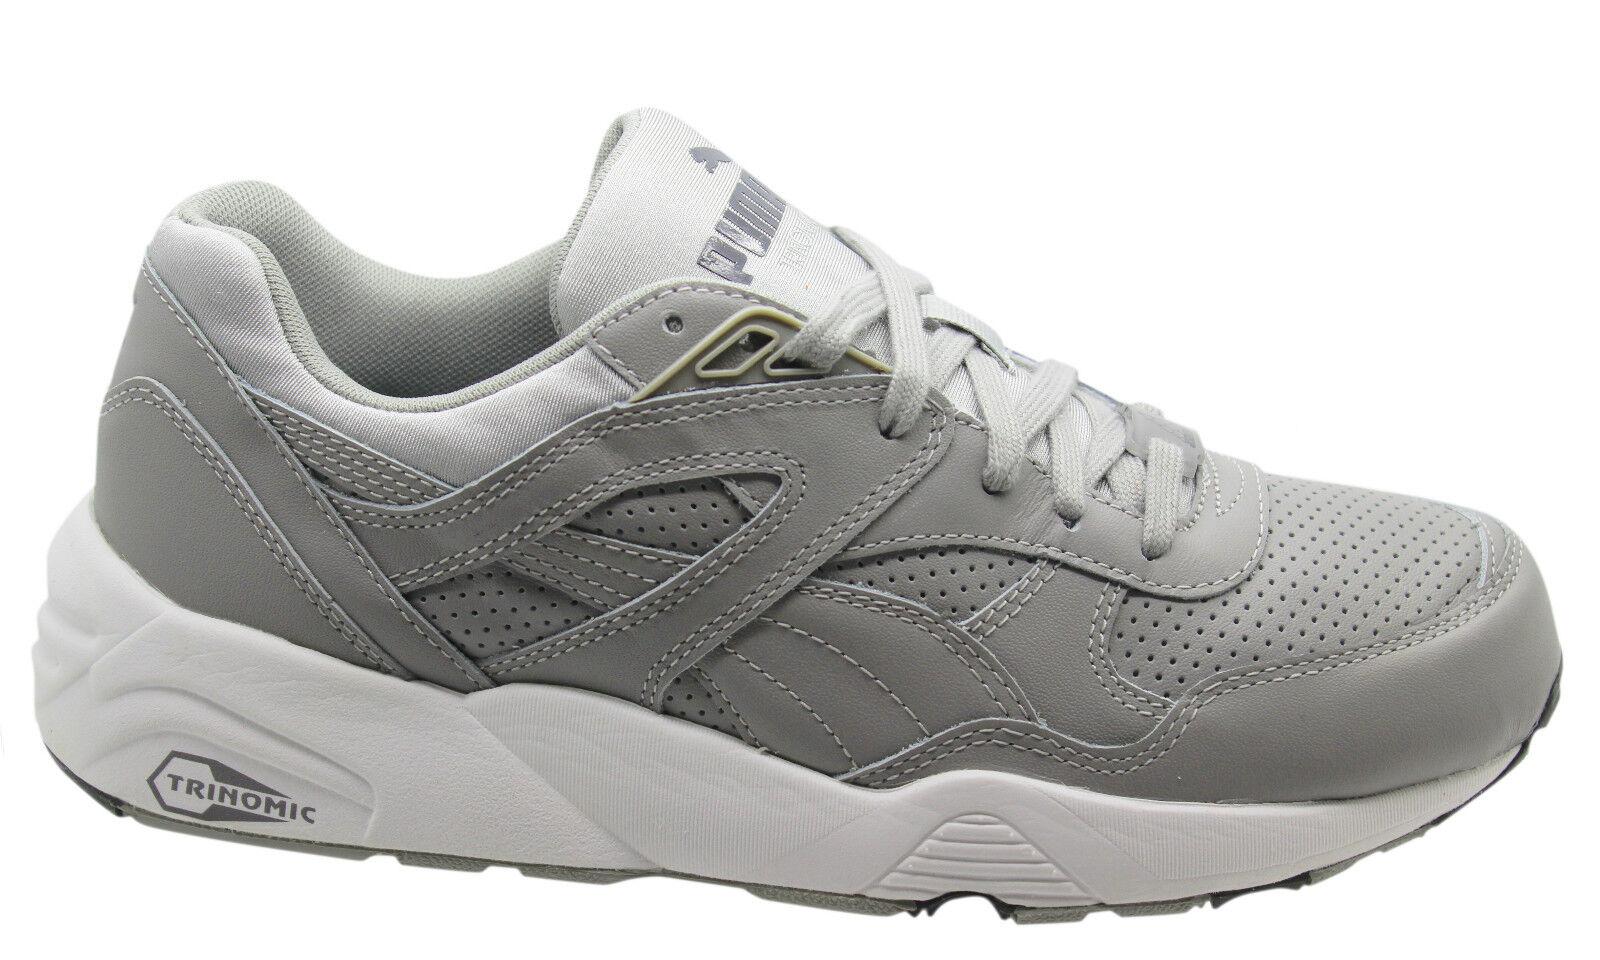 Puma Trinomic R698 Cuero de Alta Calidad Zapatillas Hombre para Correr grey